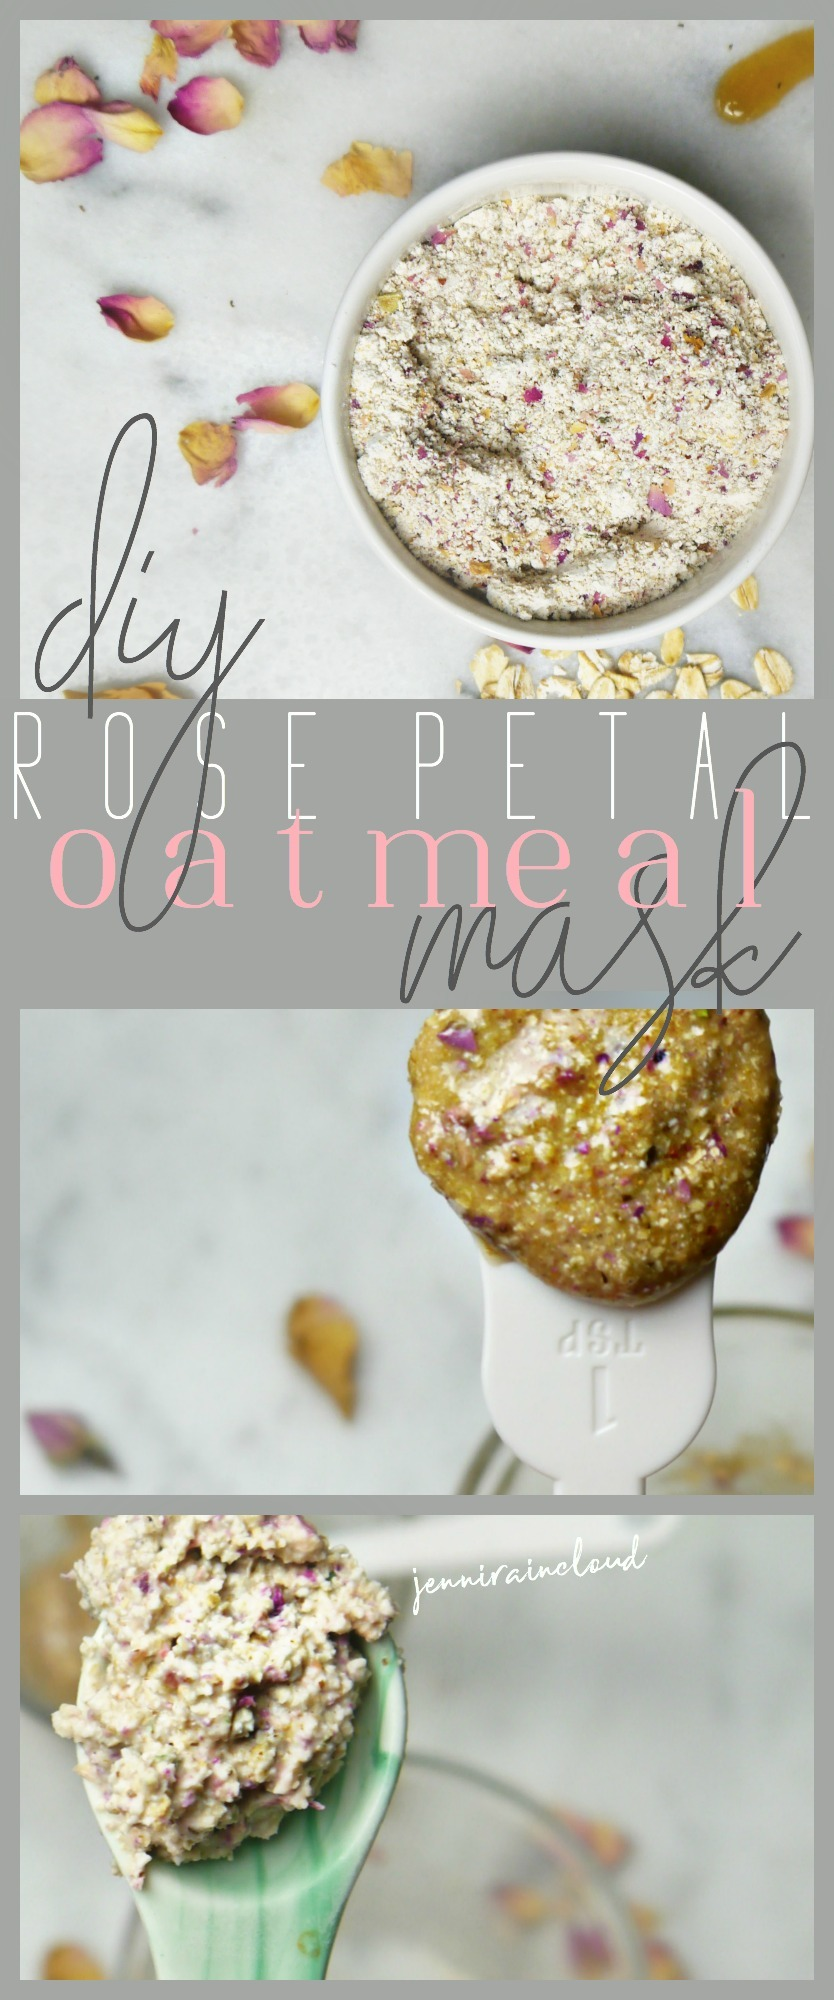 Rose Petal Oatmeal Masks